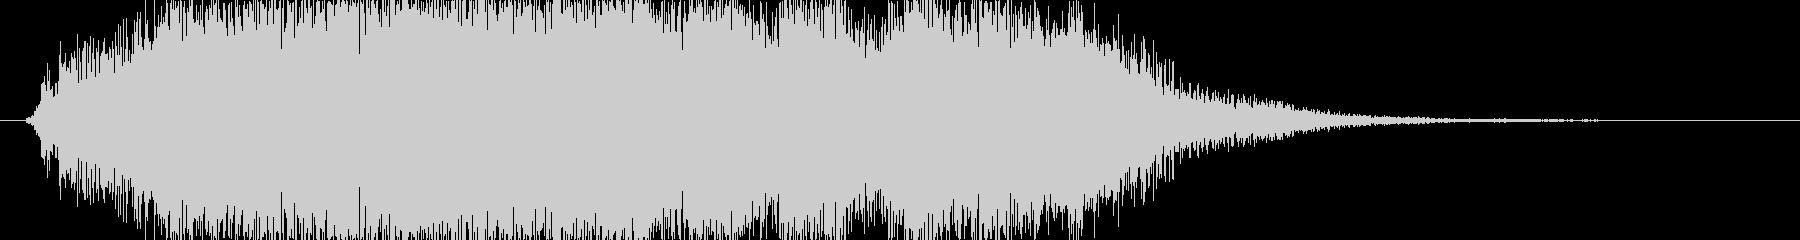 オーケストラのファンファーレグッドエンドの未再生の波形